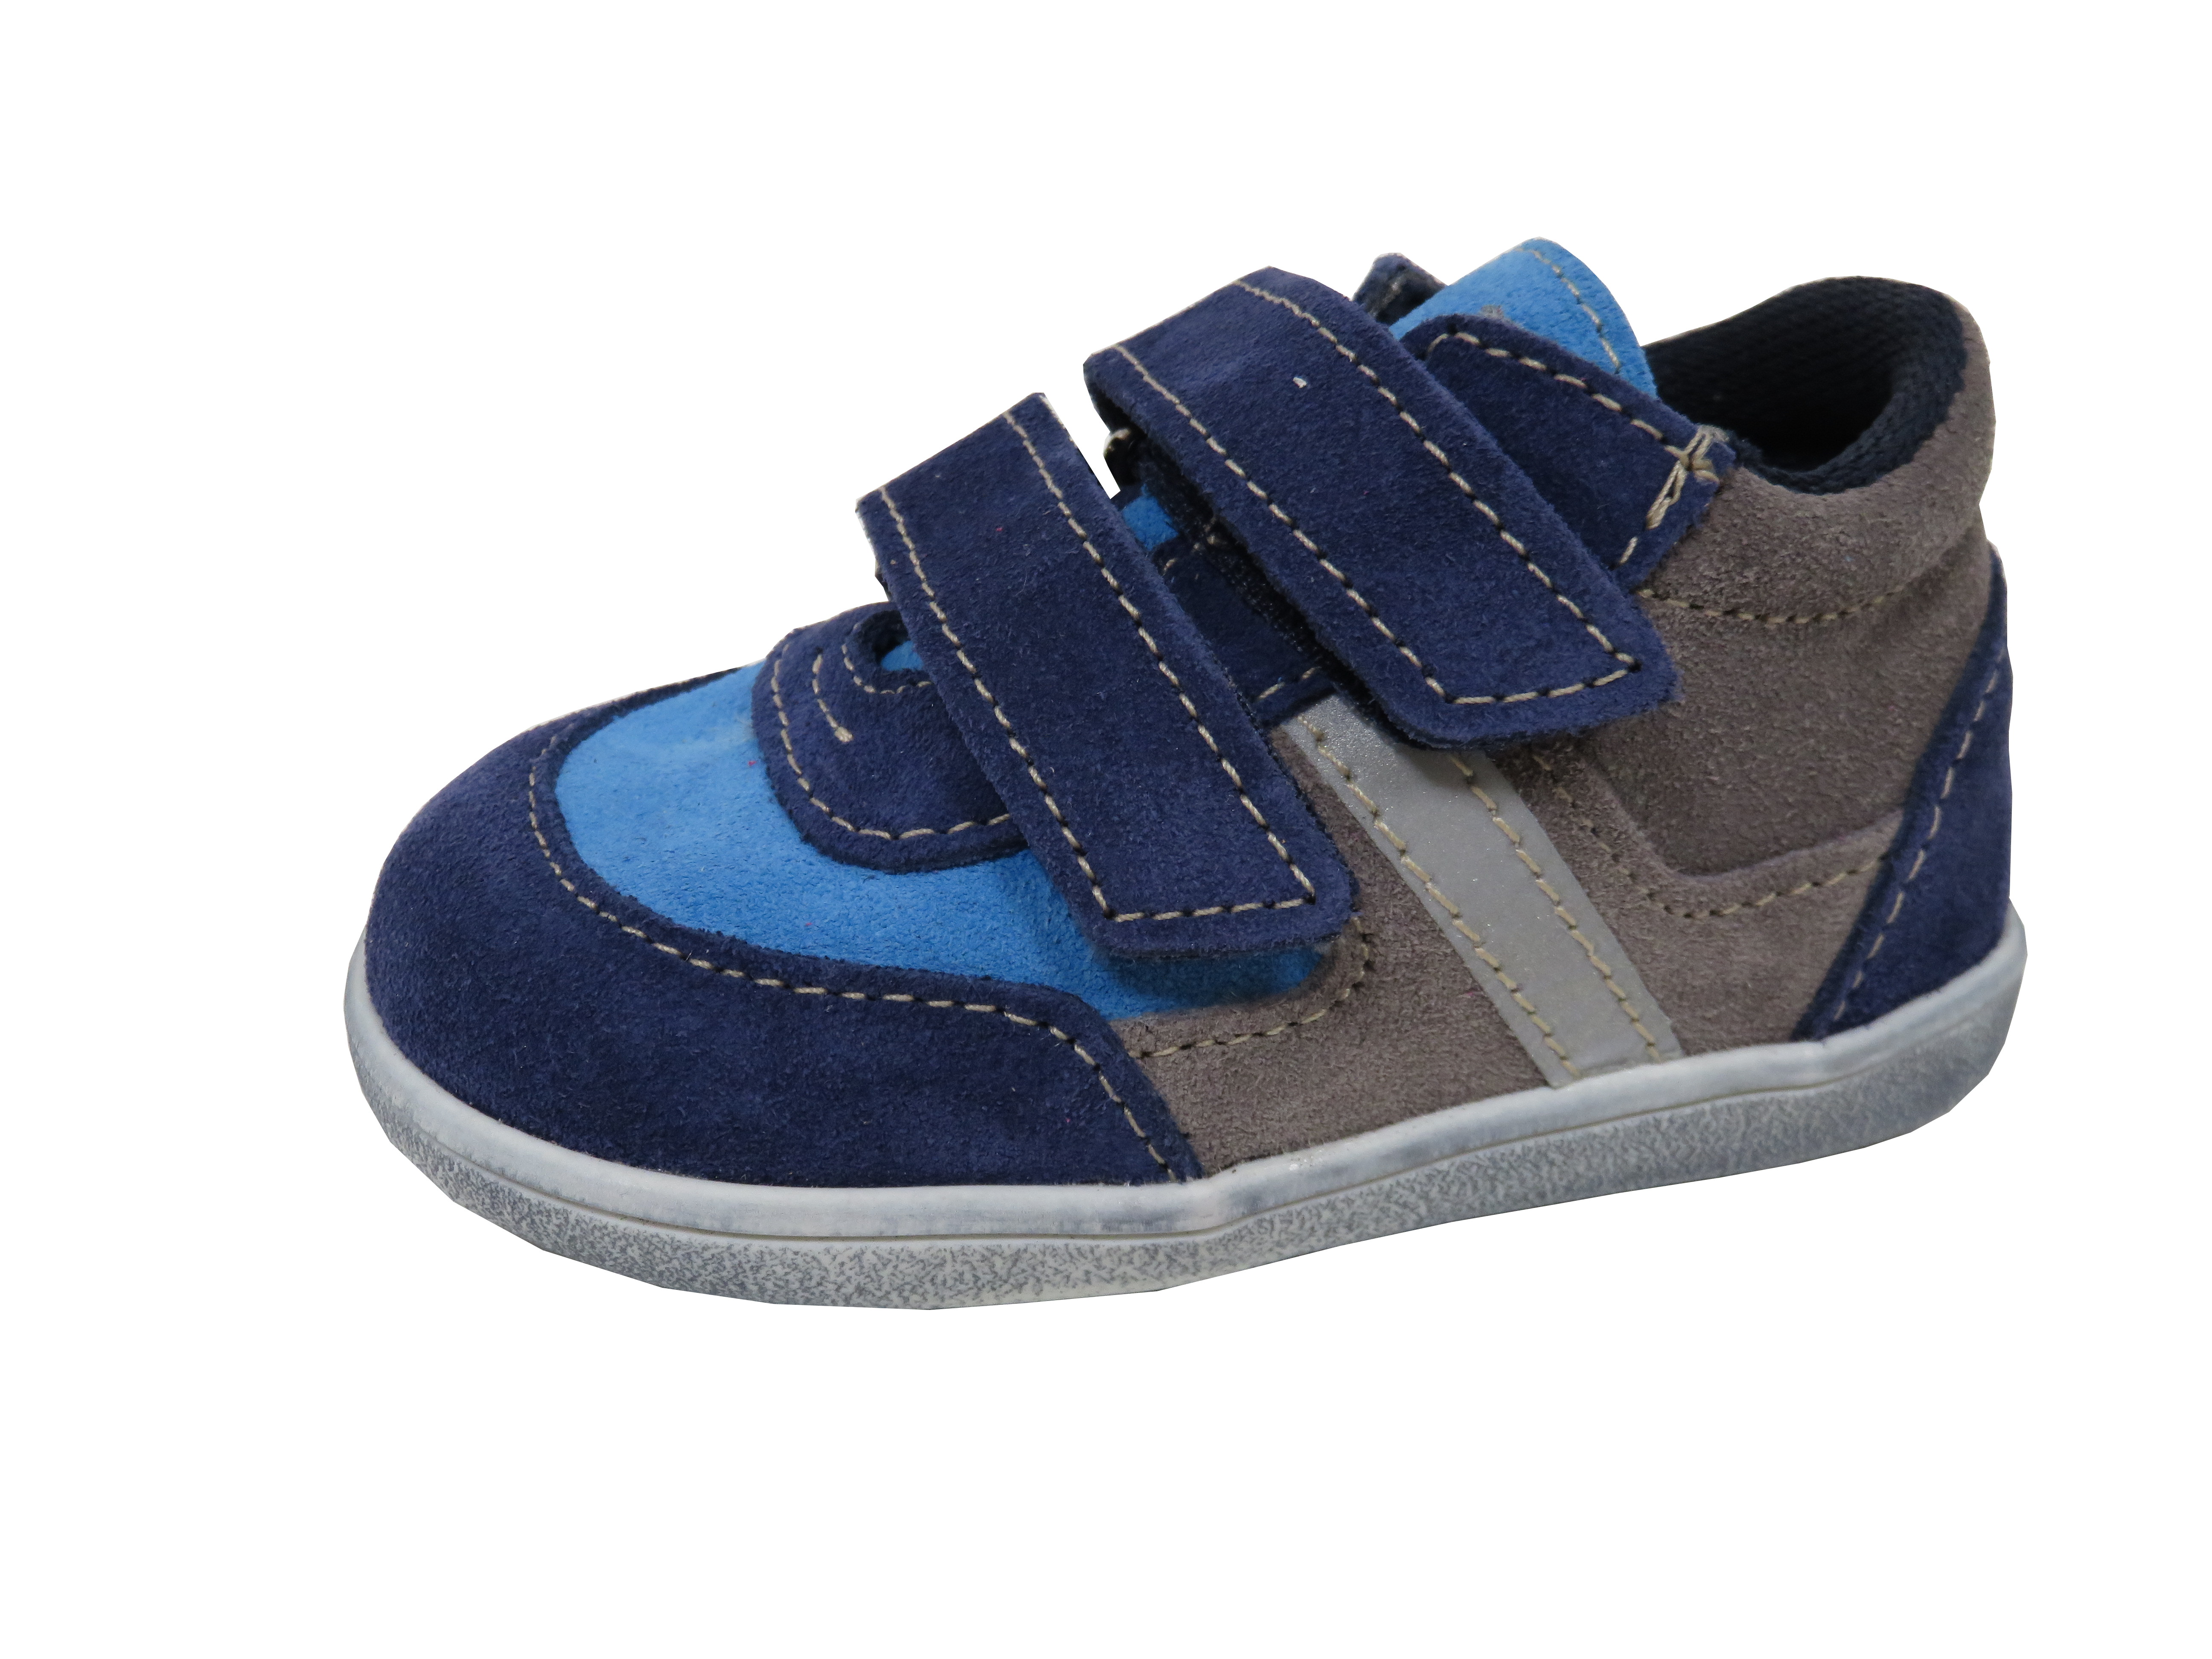 1b3aa318689 Jonap dětské celoroční boty light velcro šedo-modré